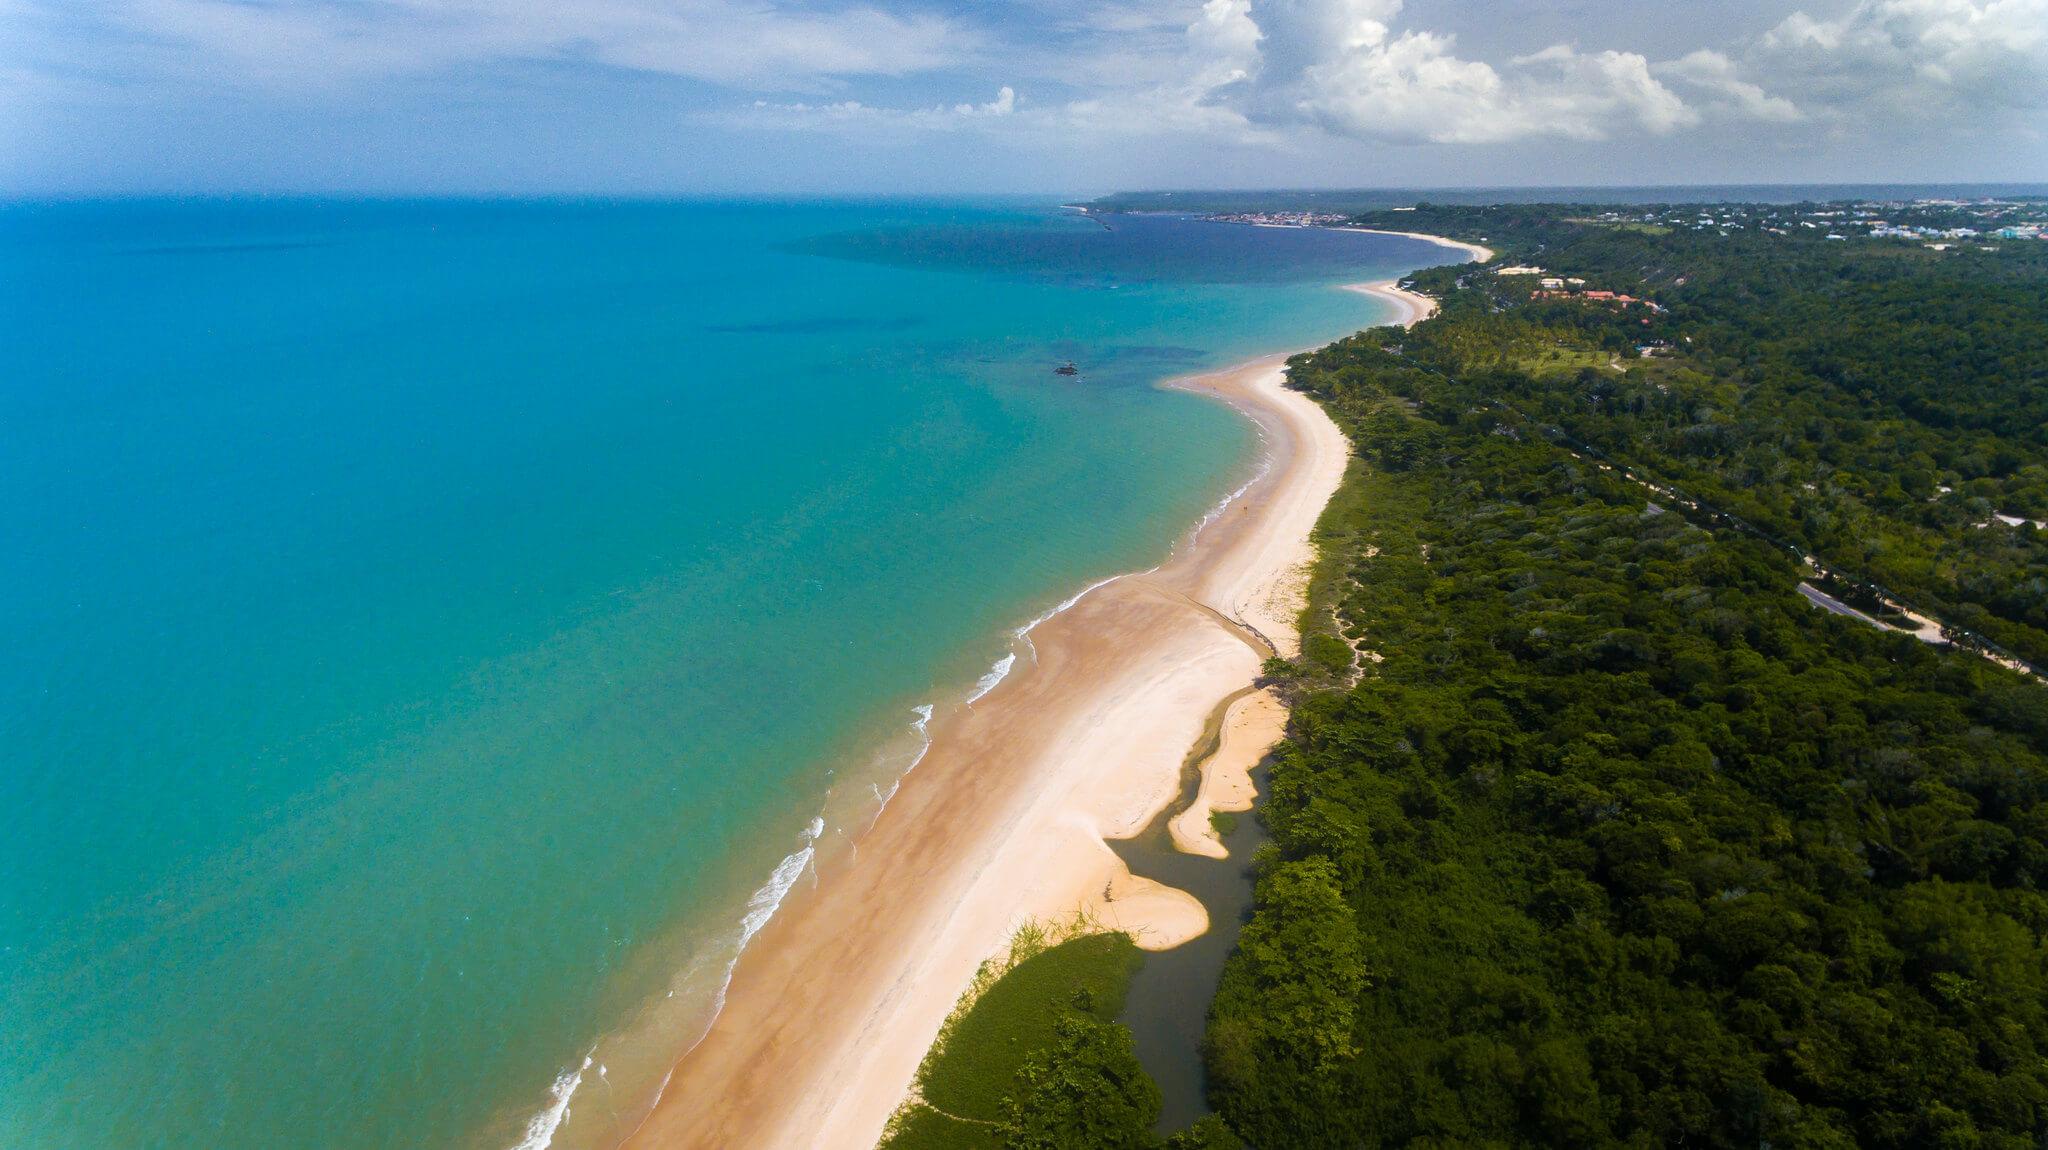 Vista aérea da Praia Mundaí em Porto Seguro.